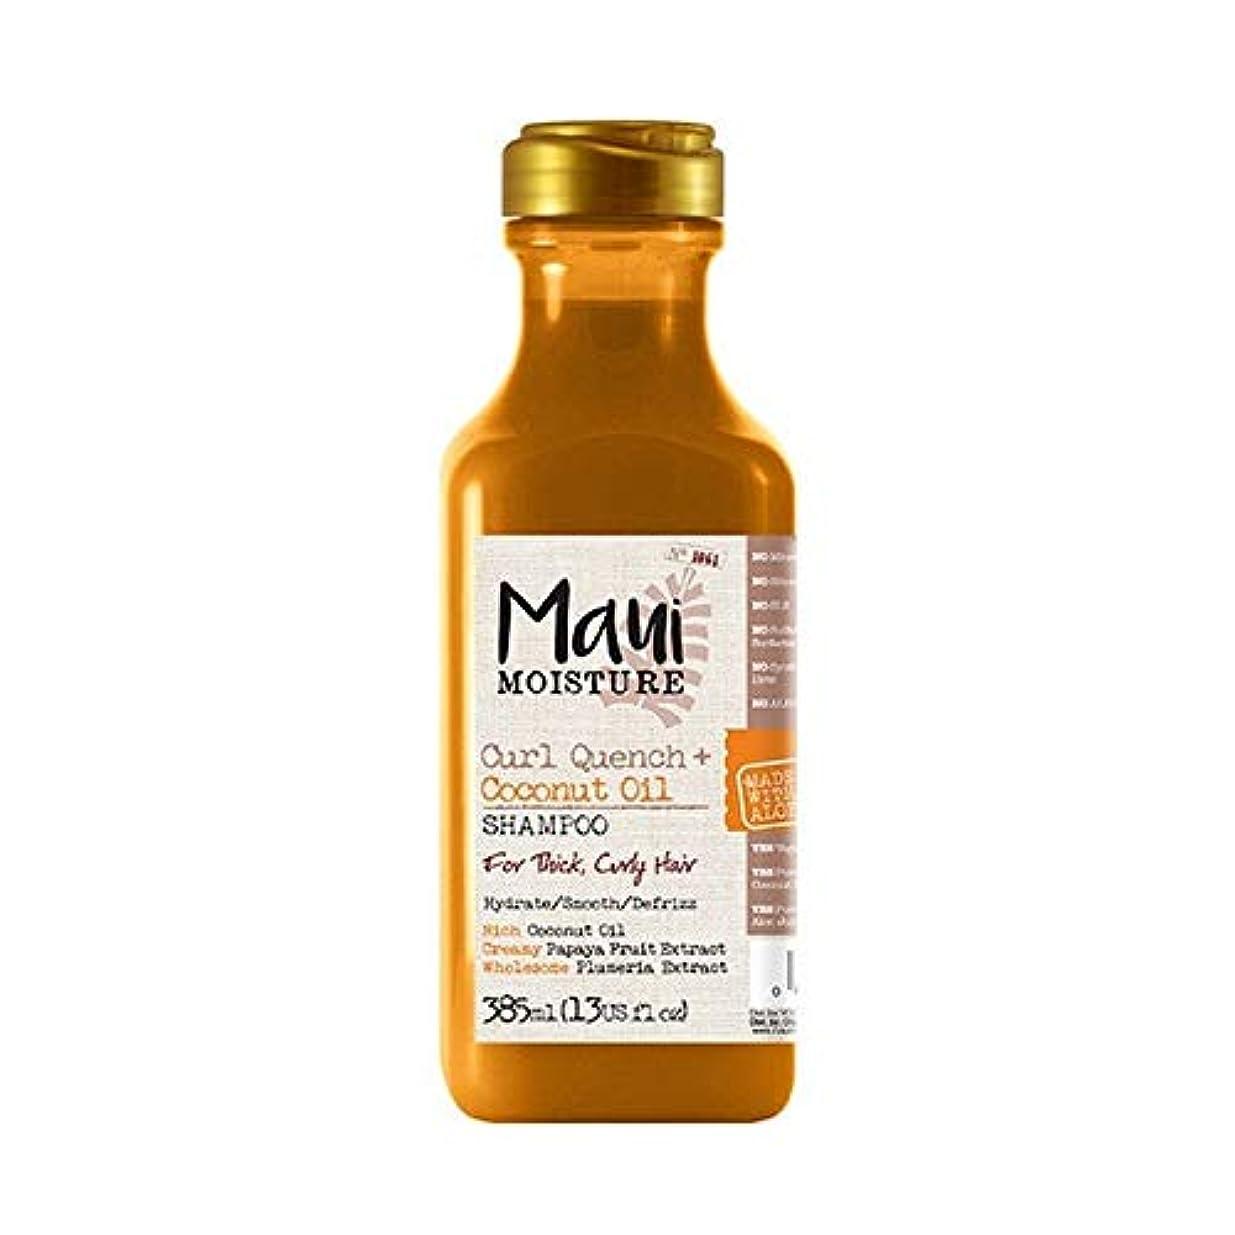 思春期のバイバイに付ける[Maui Moisture ] マウイ水分カールクエンチ+ココナッツオイルシャンプー - Maui Moisture Curl Quench + Coconut Oil Shampoo [並行輸入品]